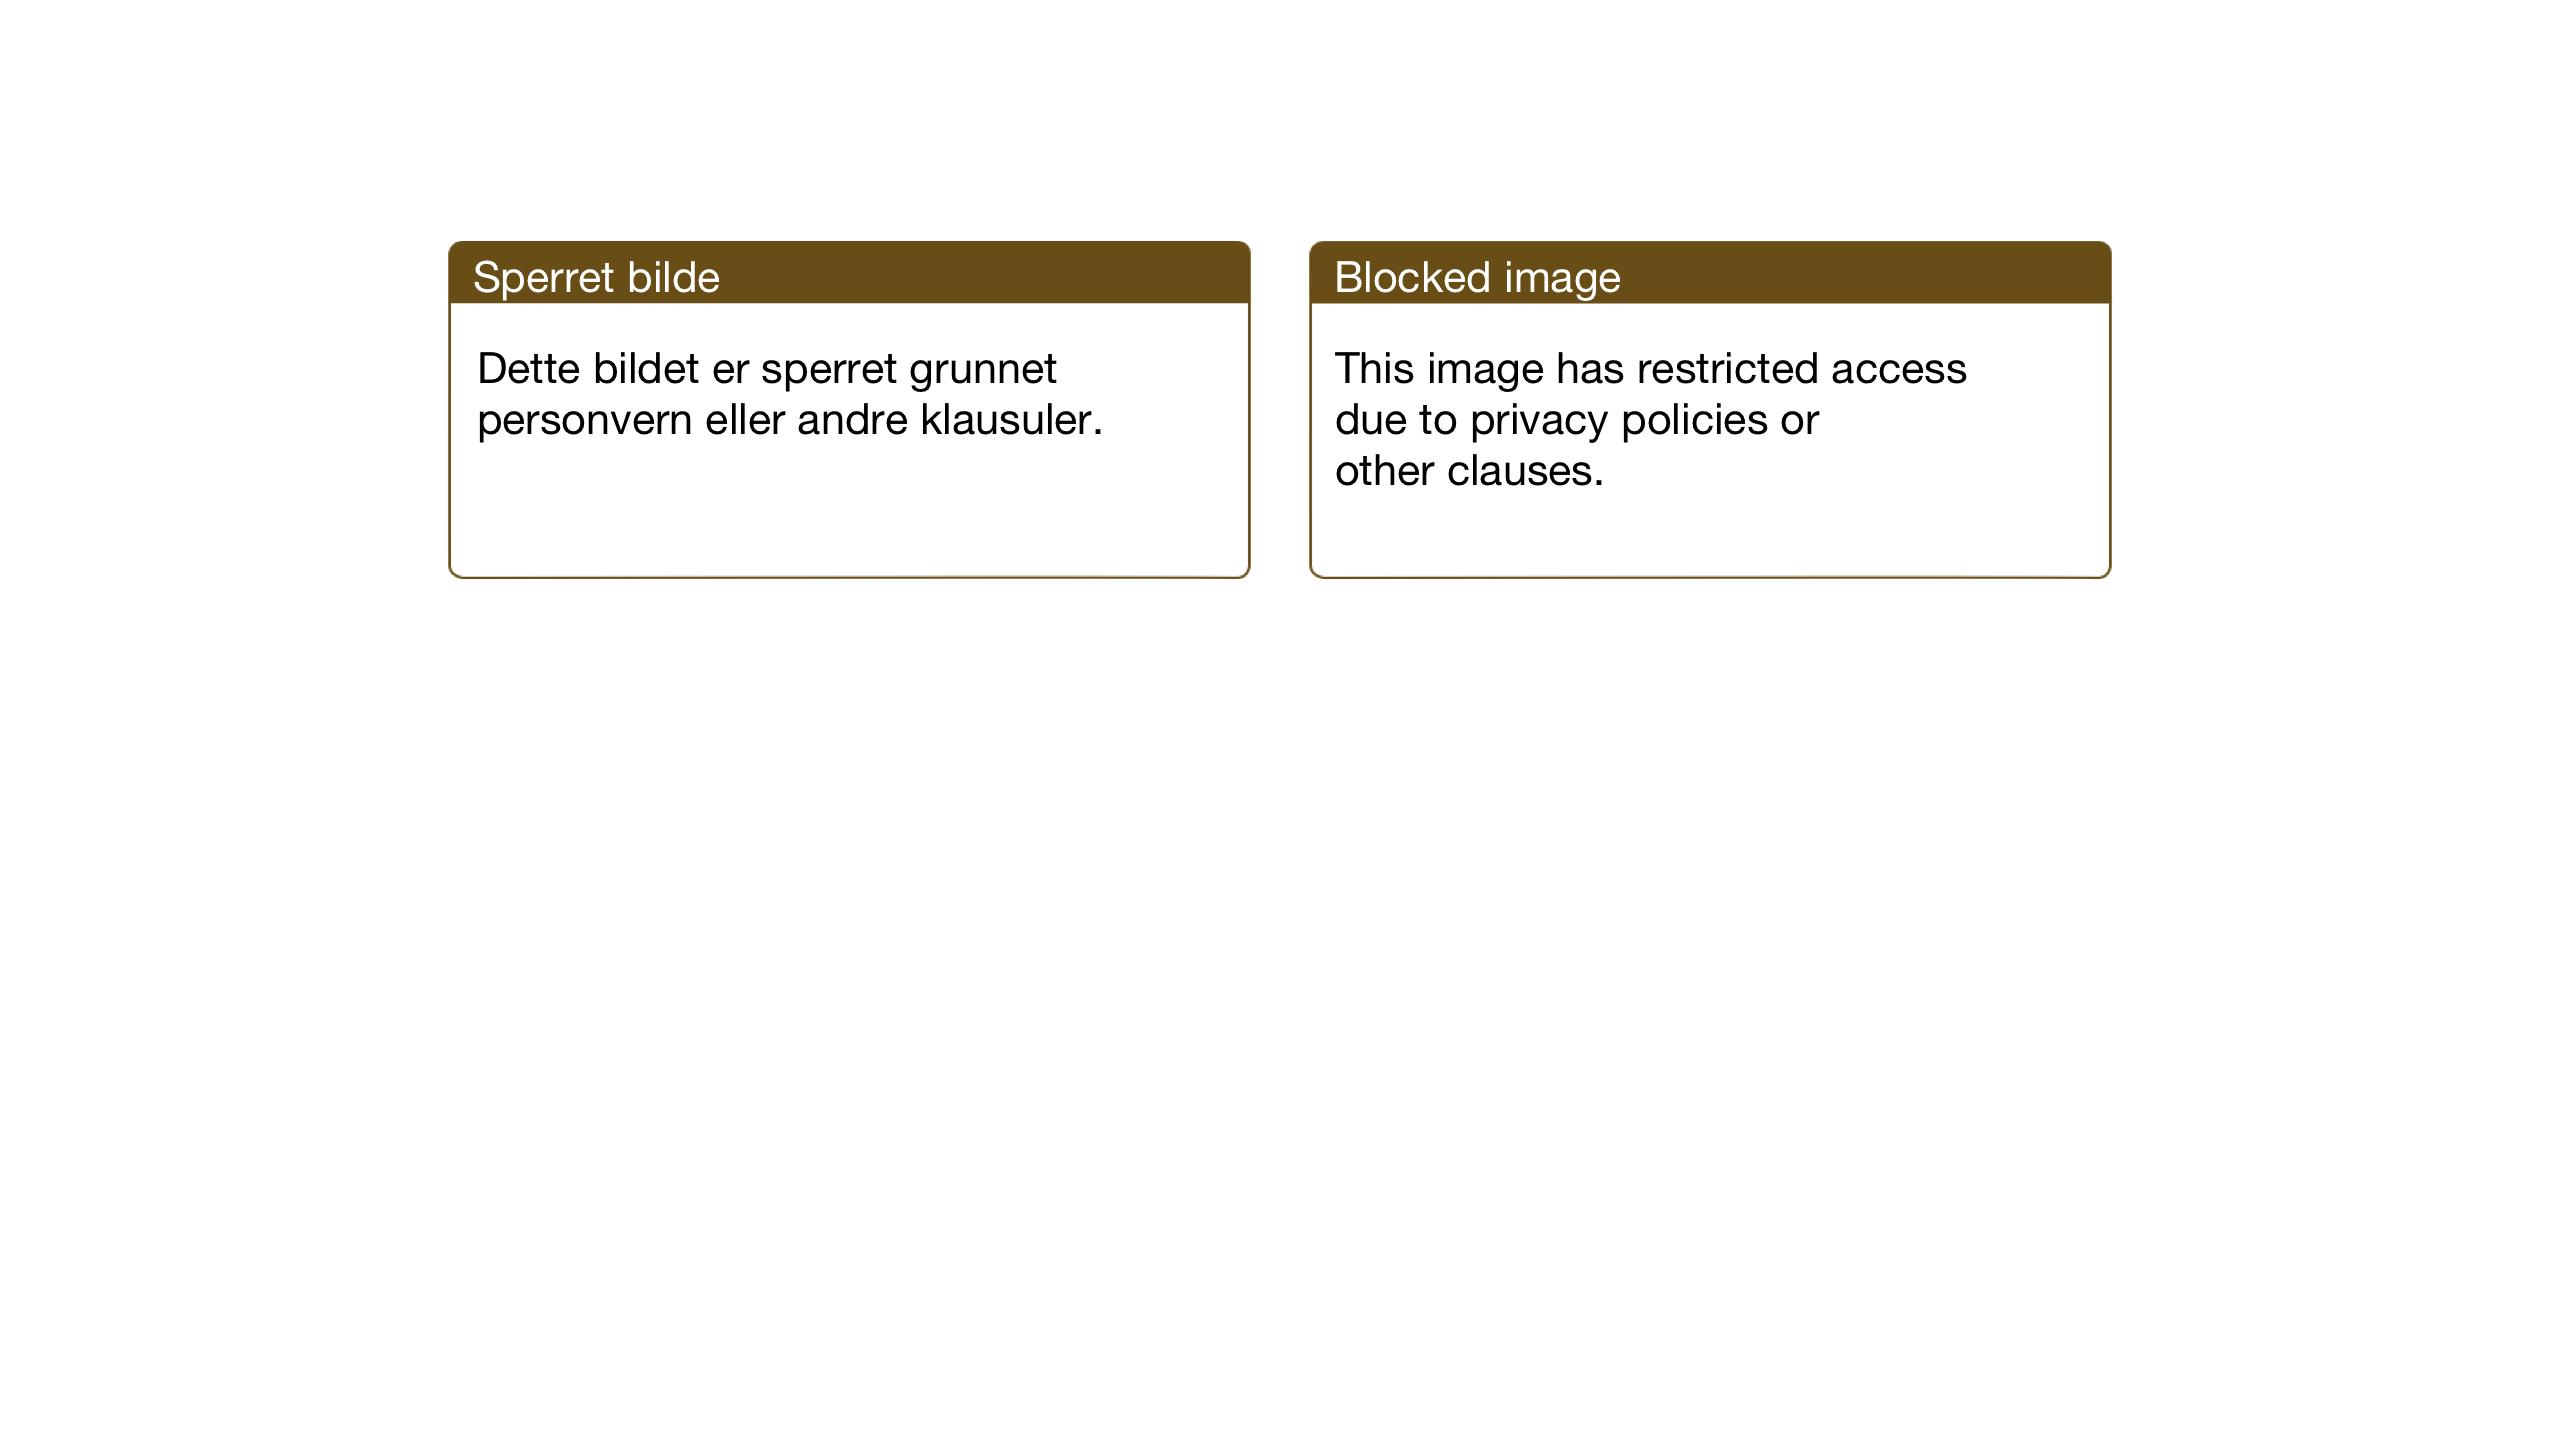 SAT, Ministerialprotokoller, klokkerbøker og fødselsregistre - Nord-Trøndelag, 714/L0136: Klokkerbok nr. 714C05, 1918-1957, s. 64